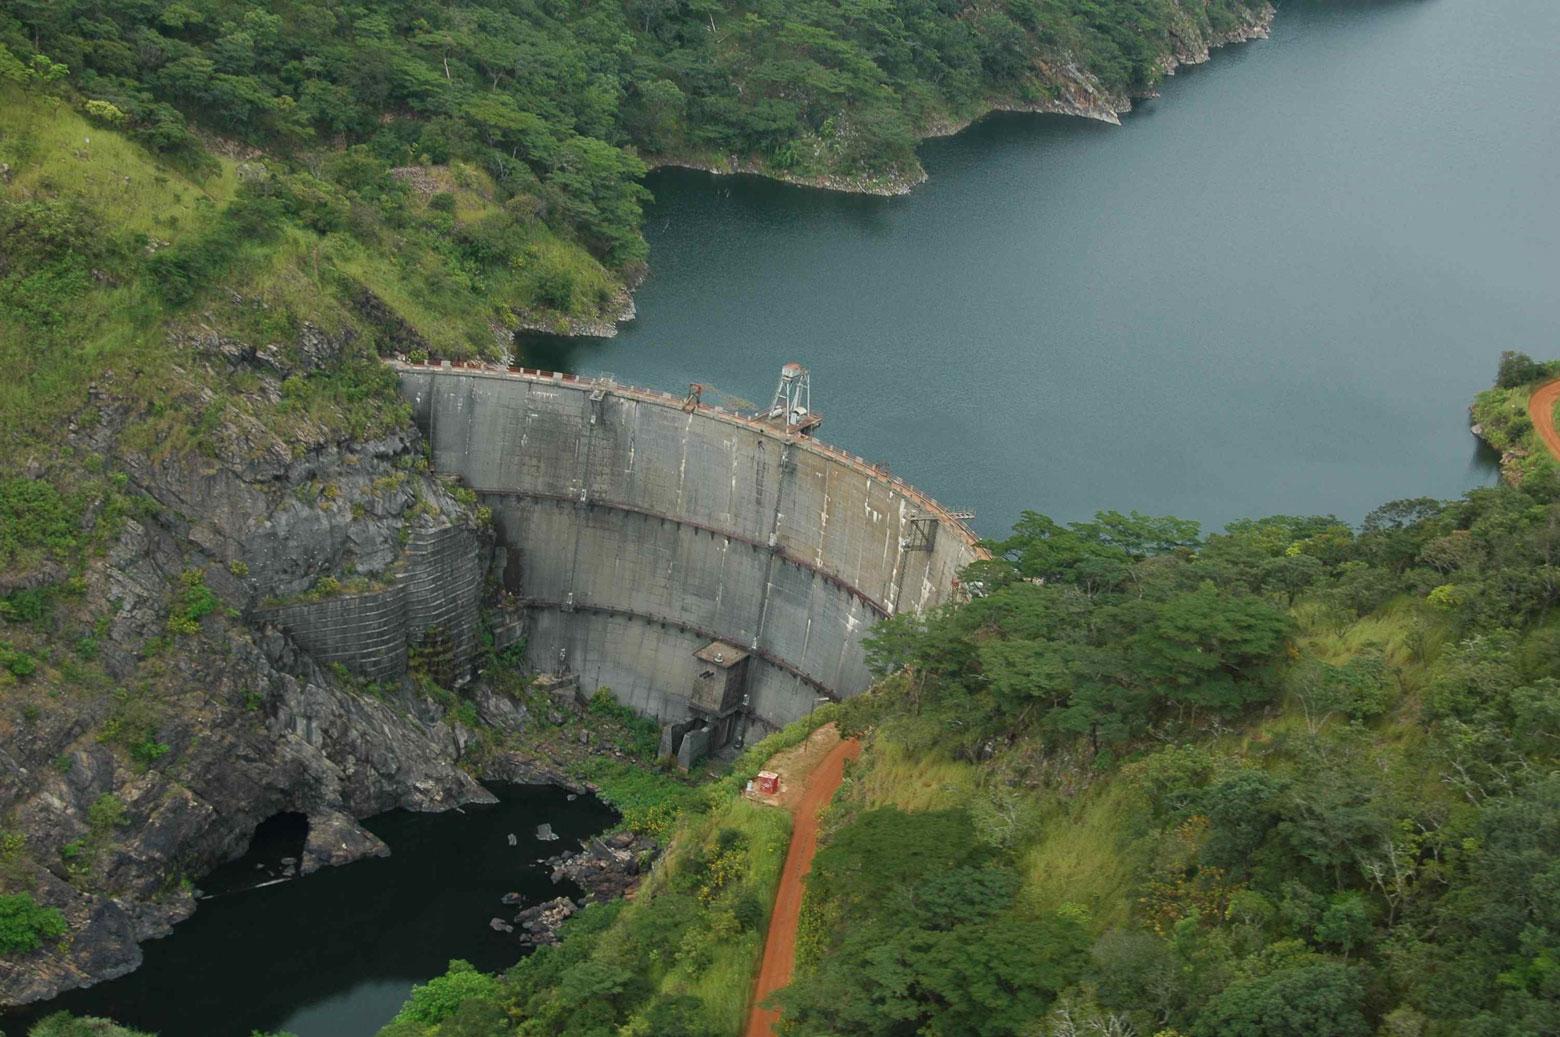 Centrale hydroélectrique de Nzilo en RD Congo